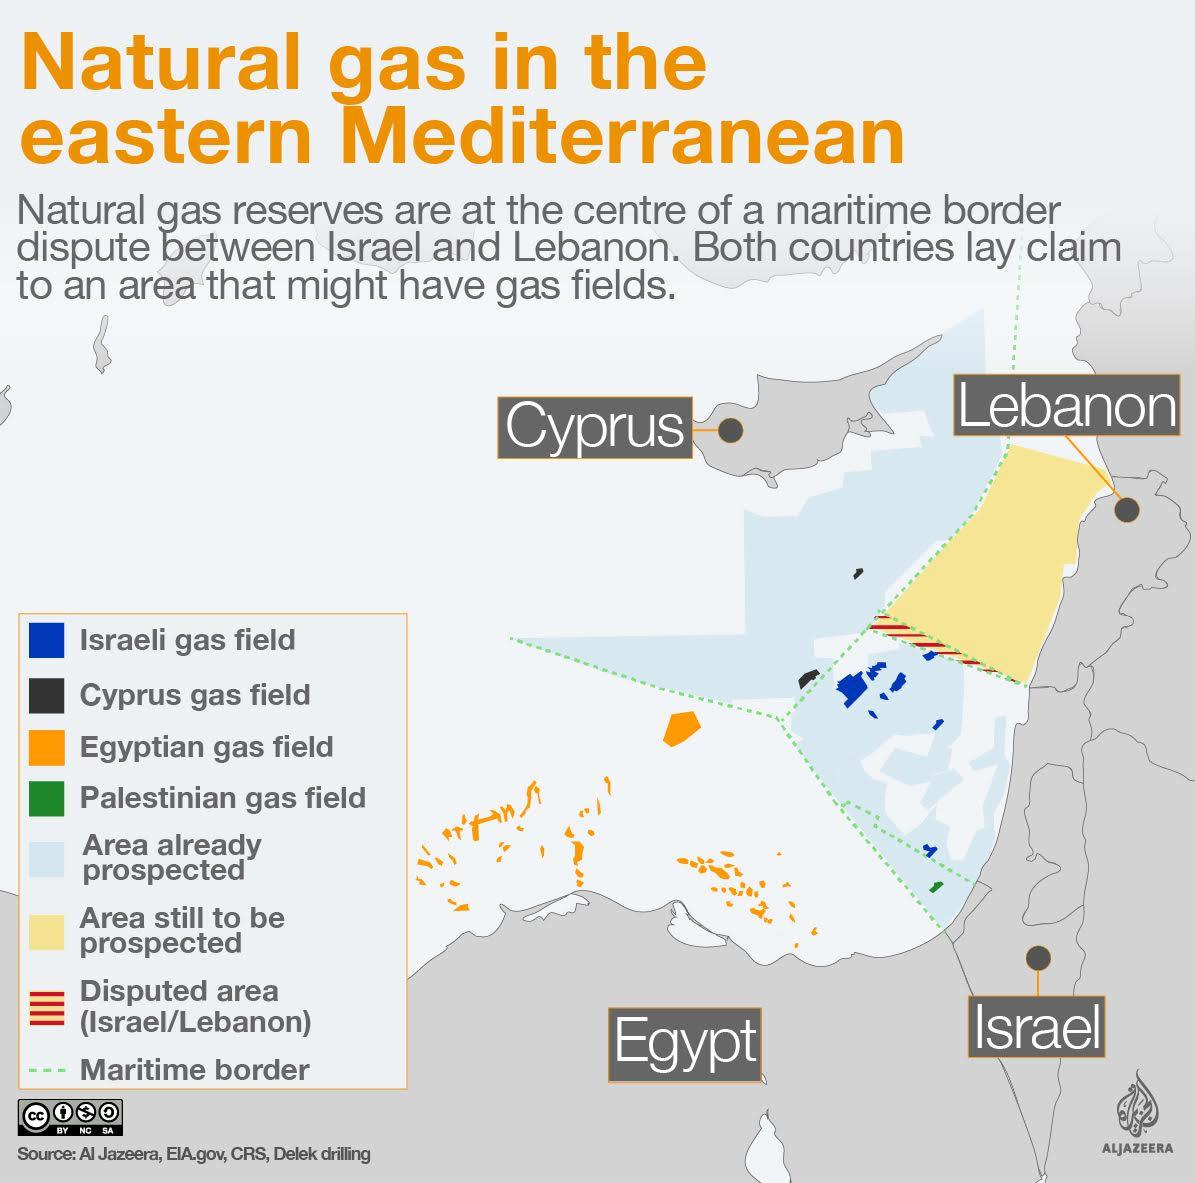 «Καυτό» φθινόπωρο στην Ανατολική Μεσόγειο; «Κλείδωσε» η νέα συνεργασία Total-ΕΝΙ